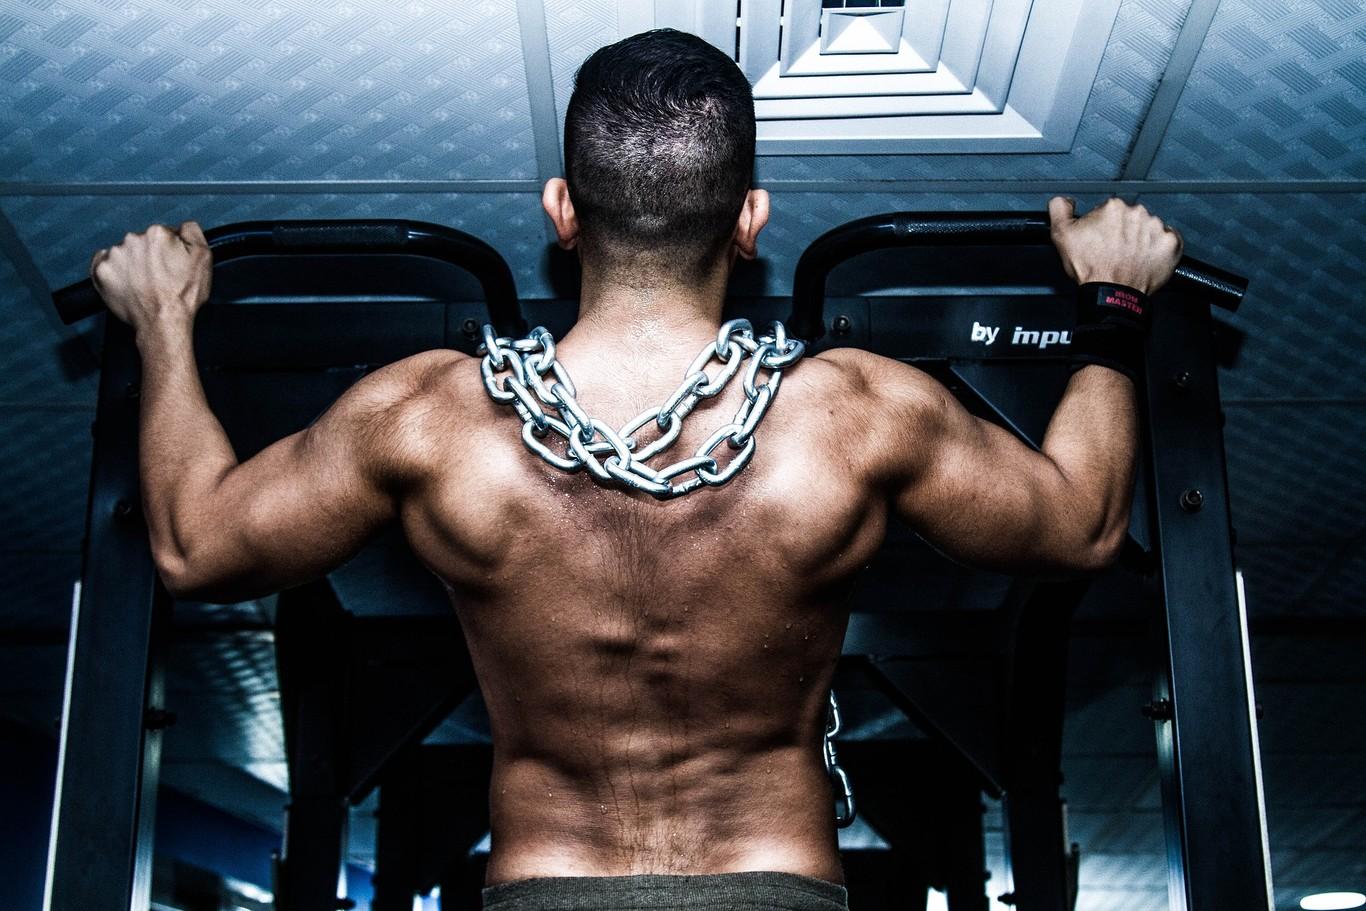 los mejores esteroides gestation acrecentar masa muscular